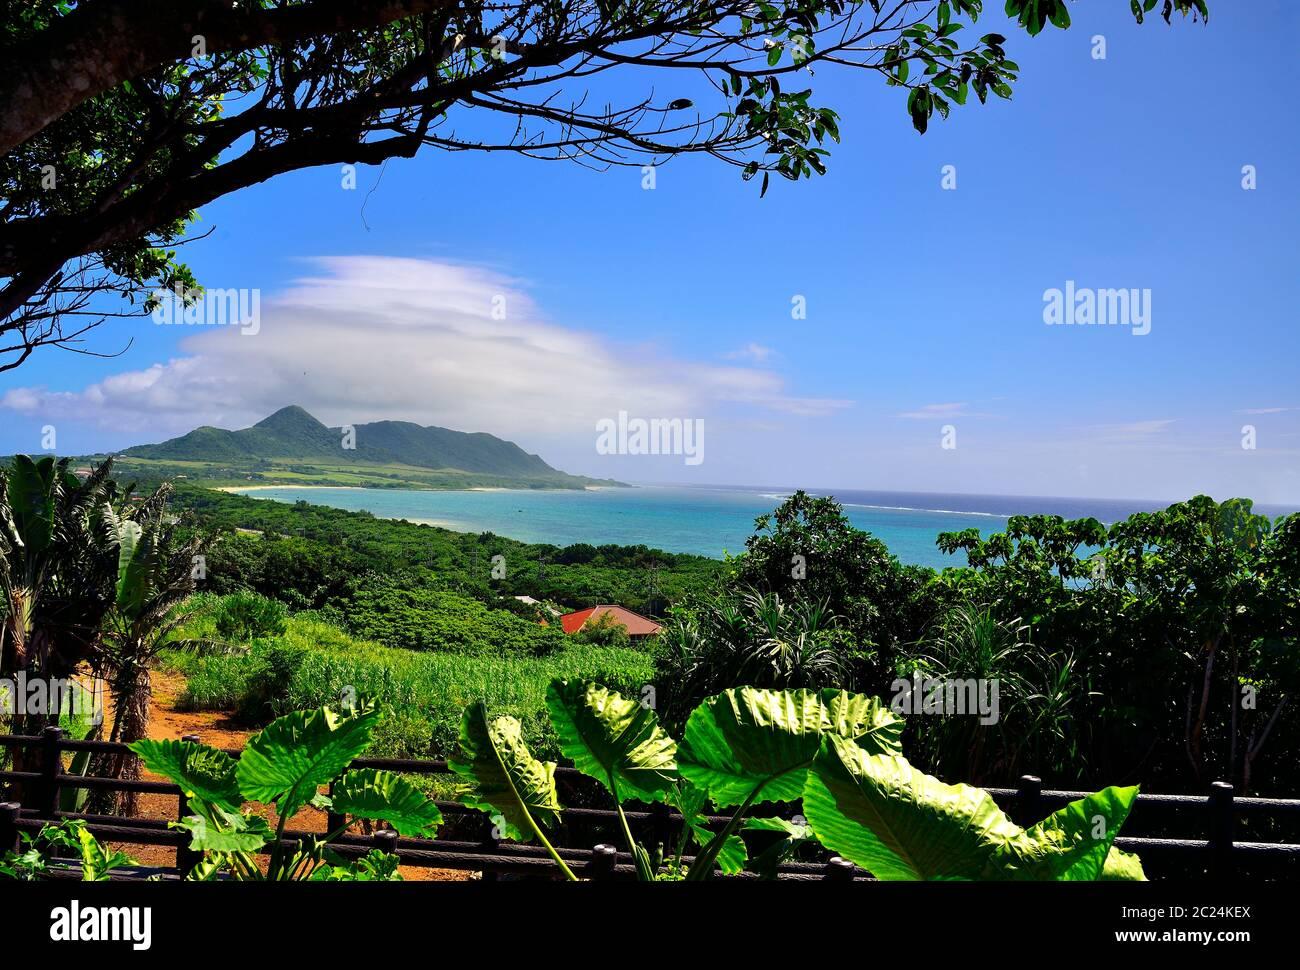 Vista, desde Tamatorizak, Ishigaki, Islas Yahema, Okinawa, Japón Foto de stock